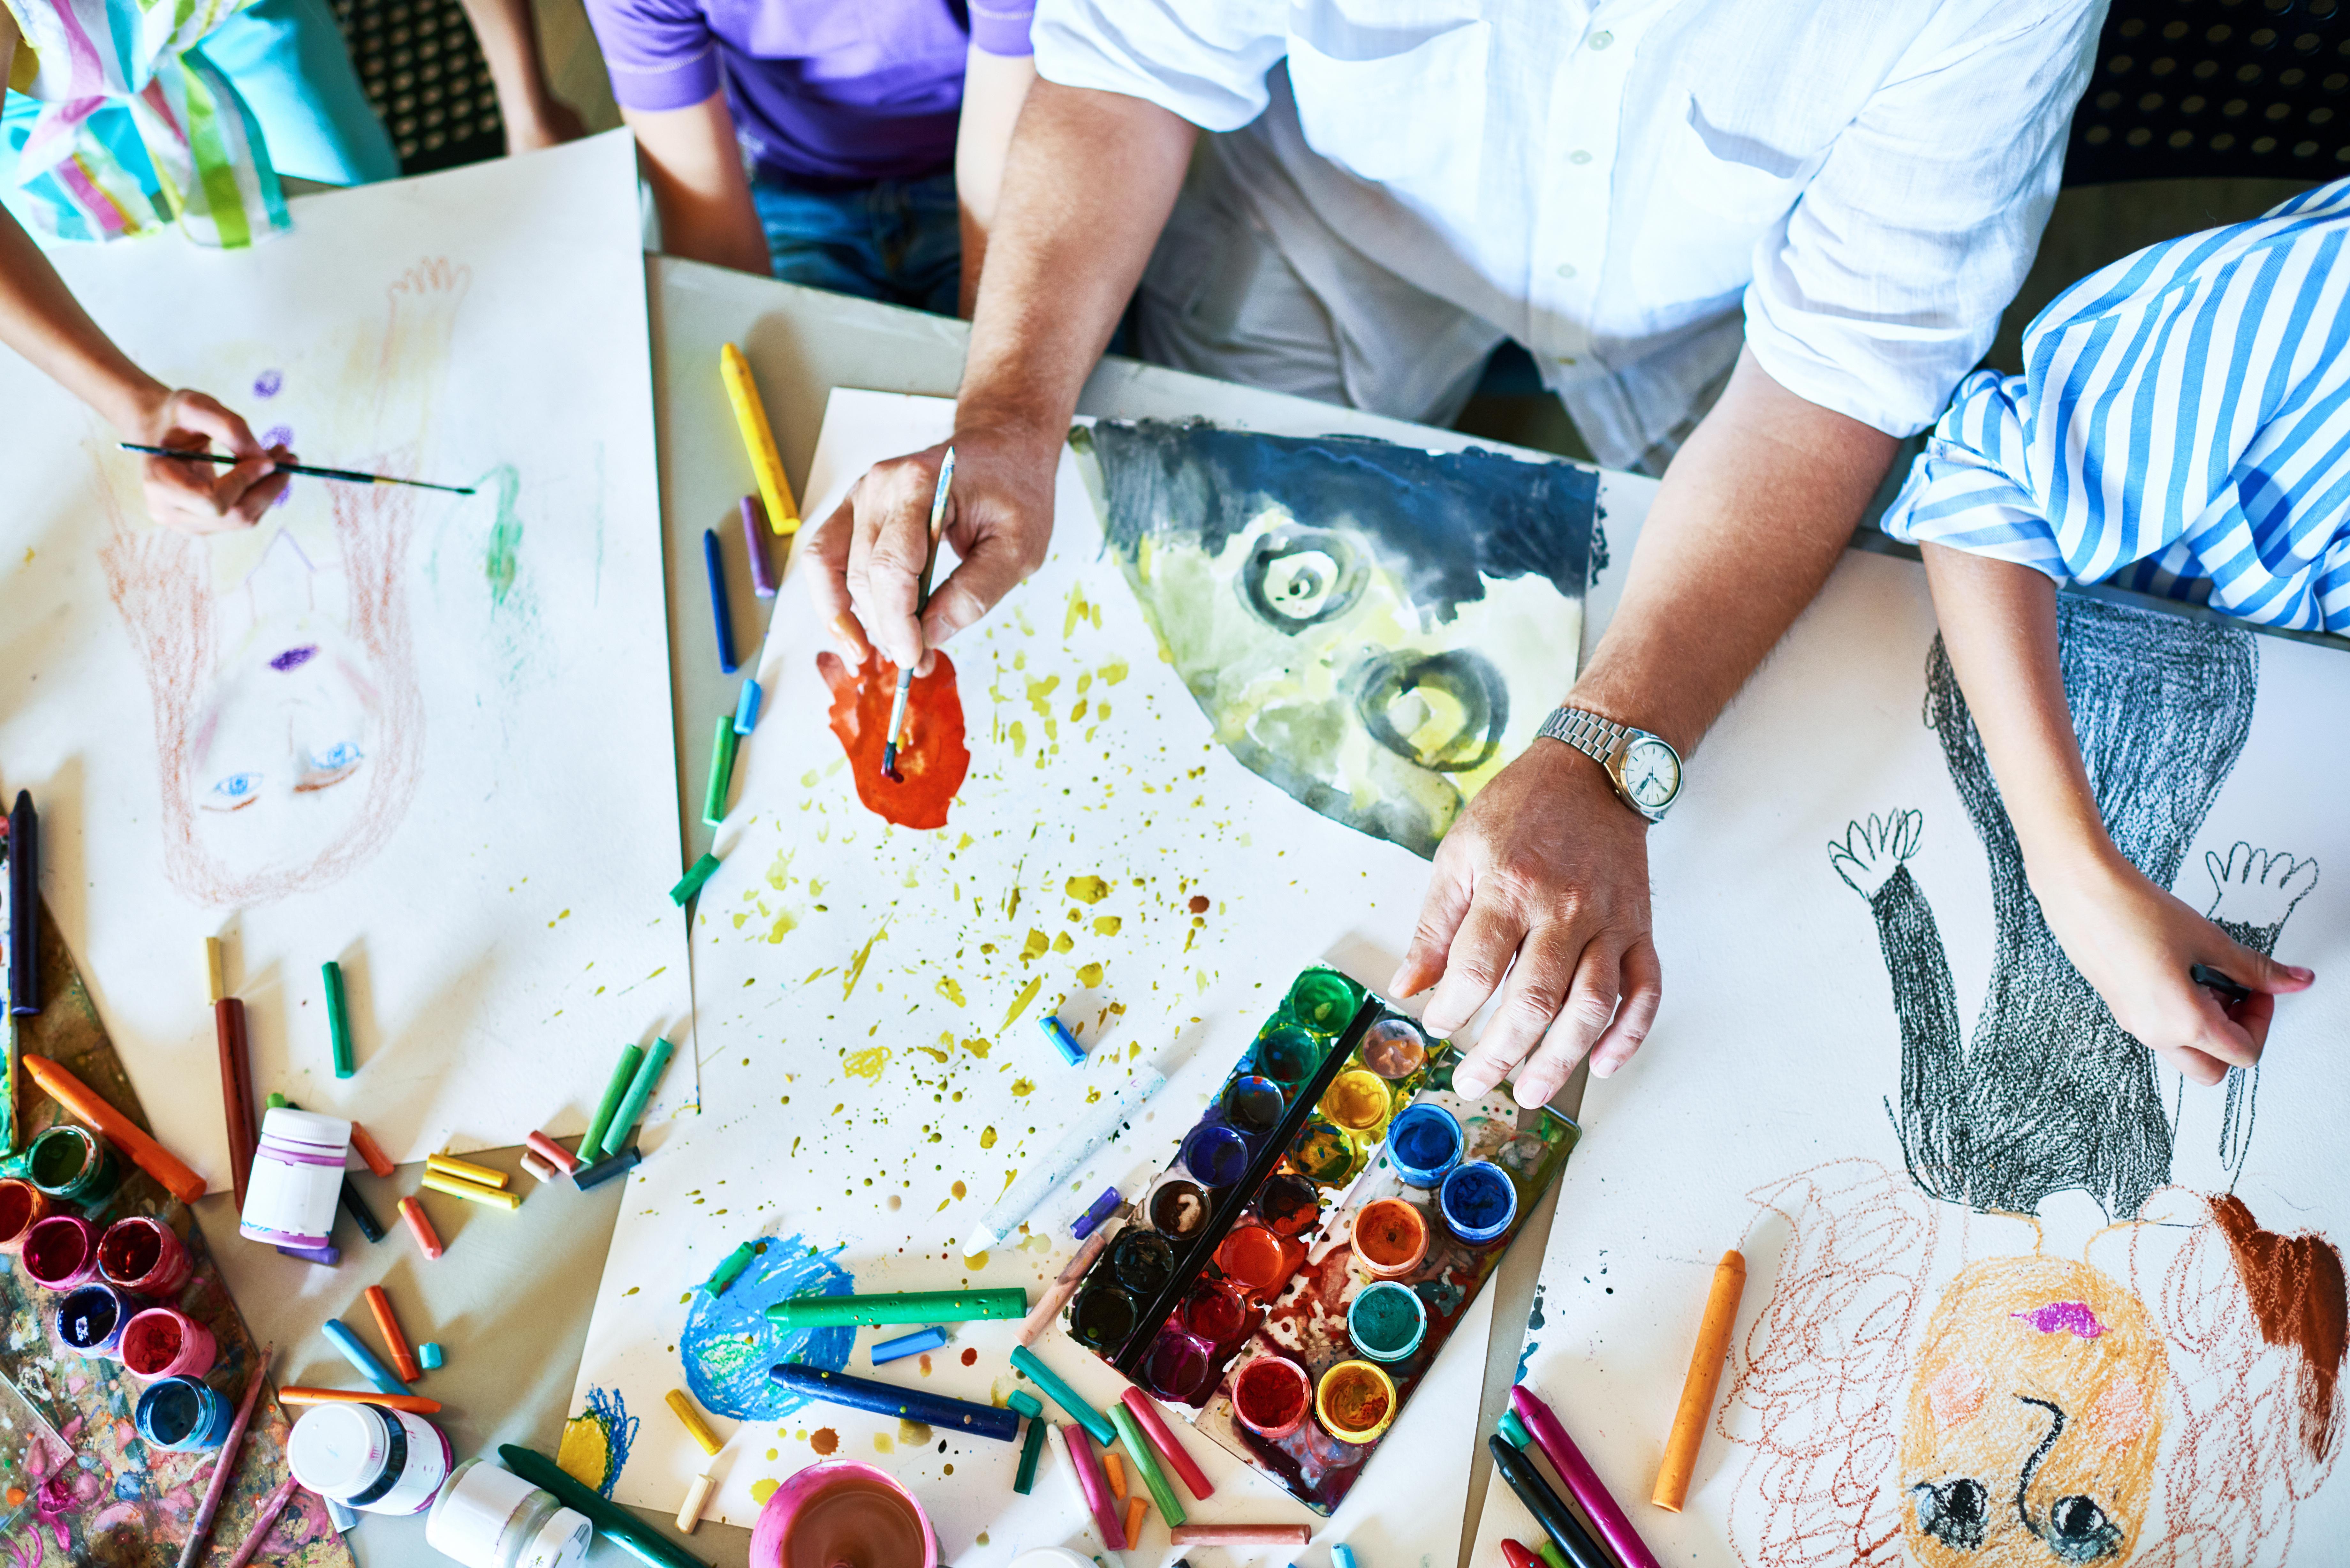 Χρωματίζω σαν μοντέρνος | Για παιδιά 8-12 ετών